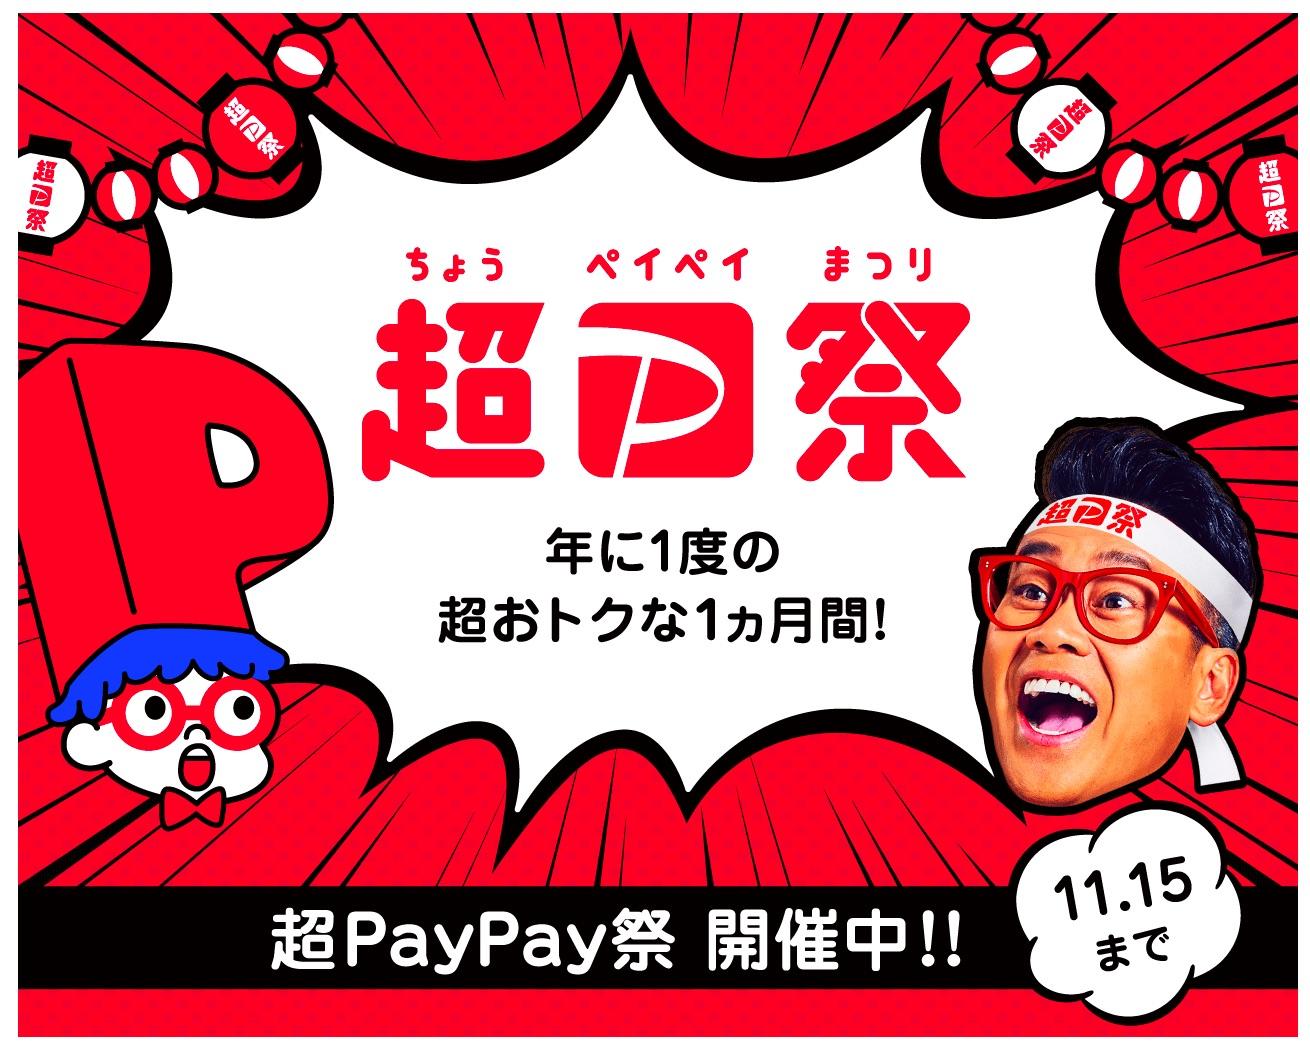 ま 寿司 paypay は